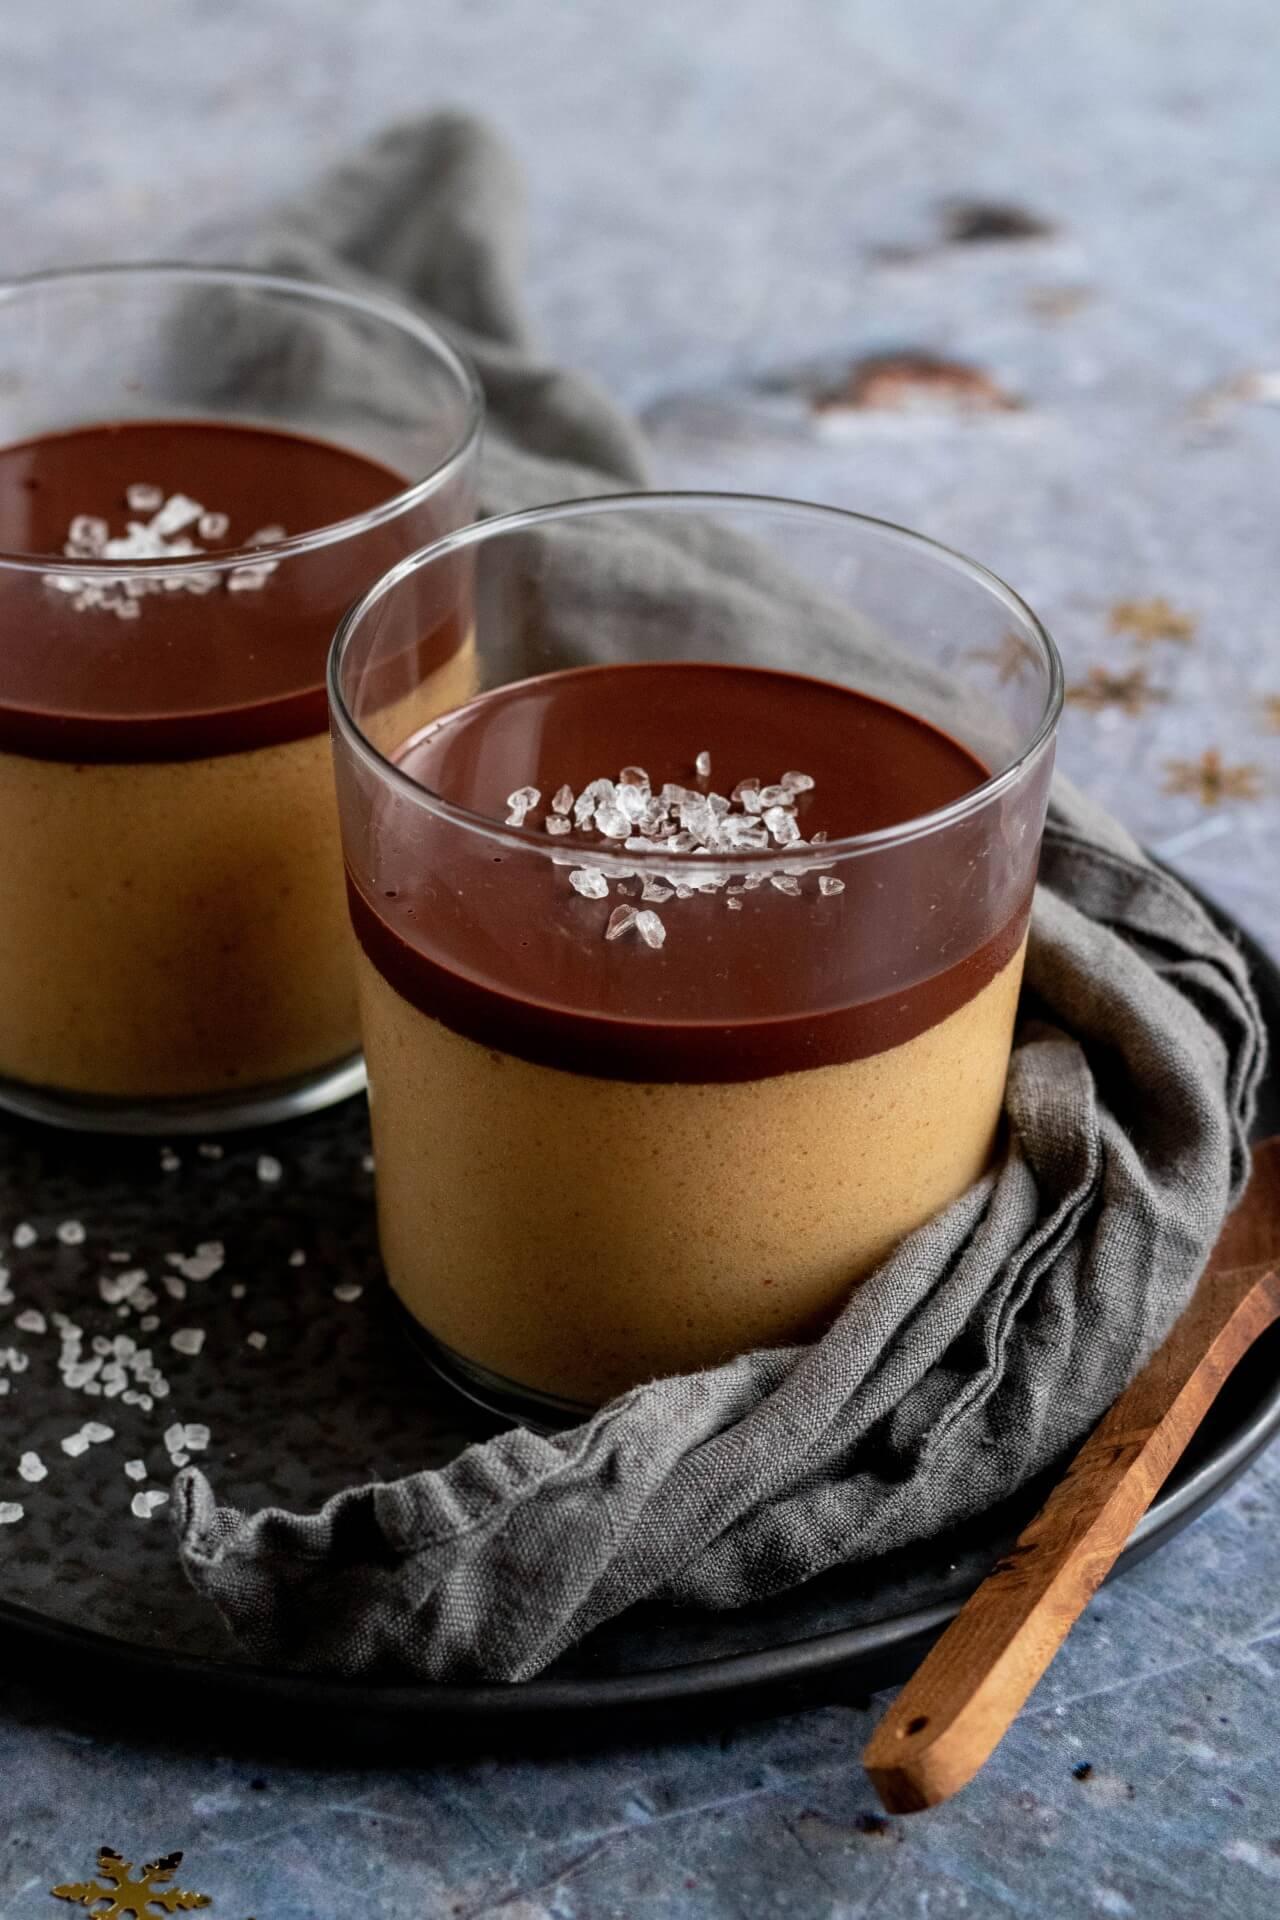 pindakaas-mousse-met-chocolade